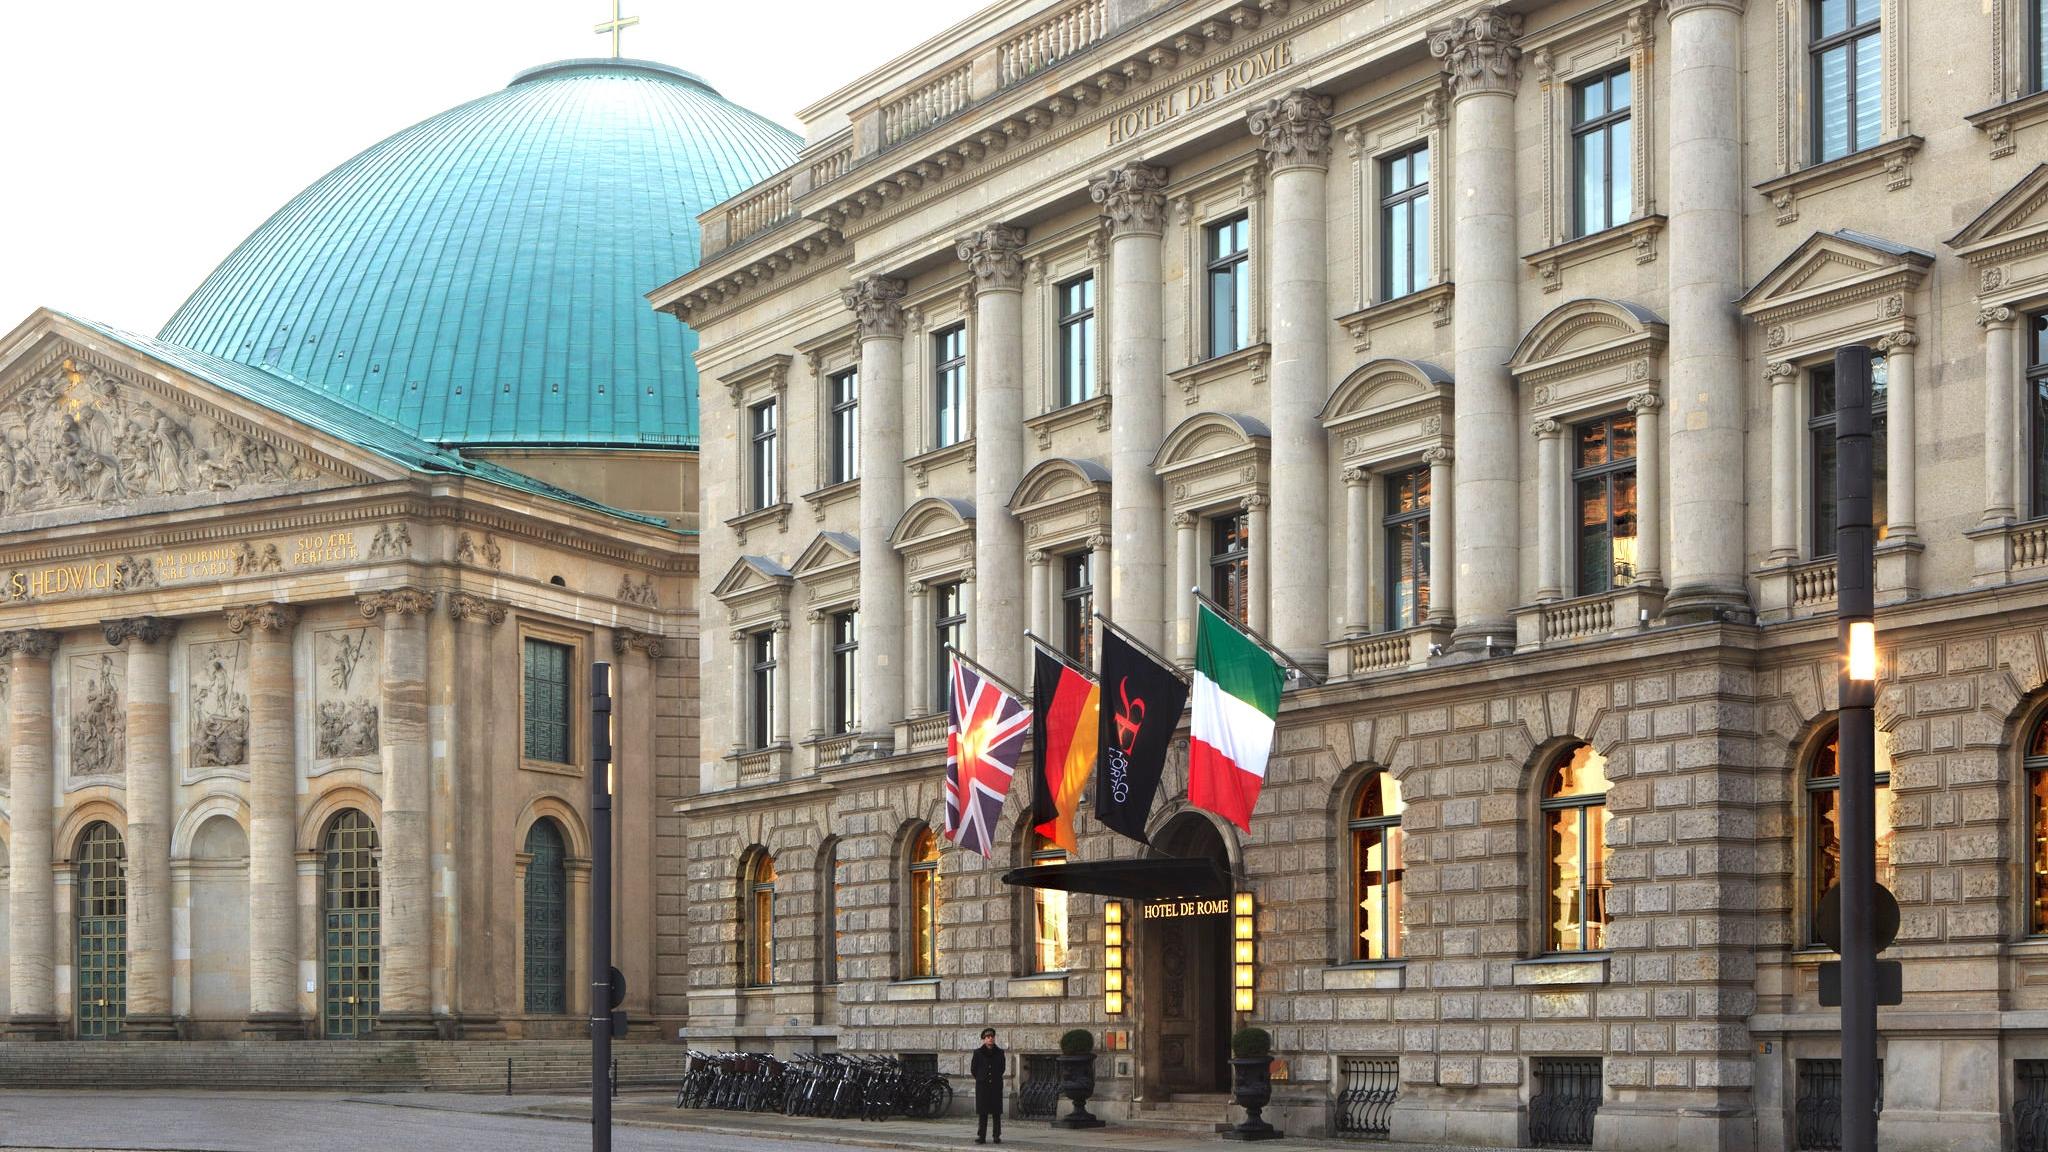 RFH_Hotel_de_Rome_-_Facade_8521_JG_Nov_16_S.jpg